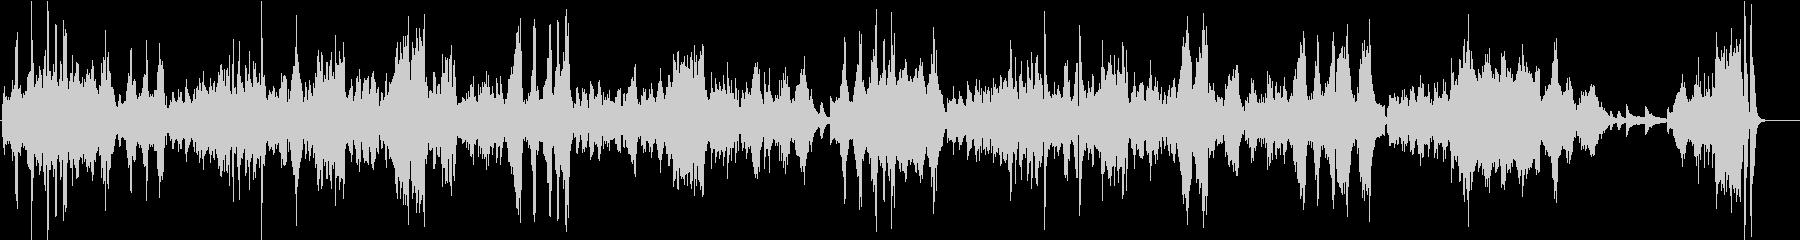 ベートーヴェン月光ソナタ 第3楽章の未再生の波形